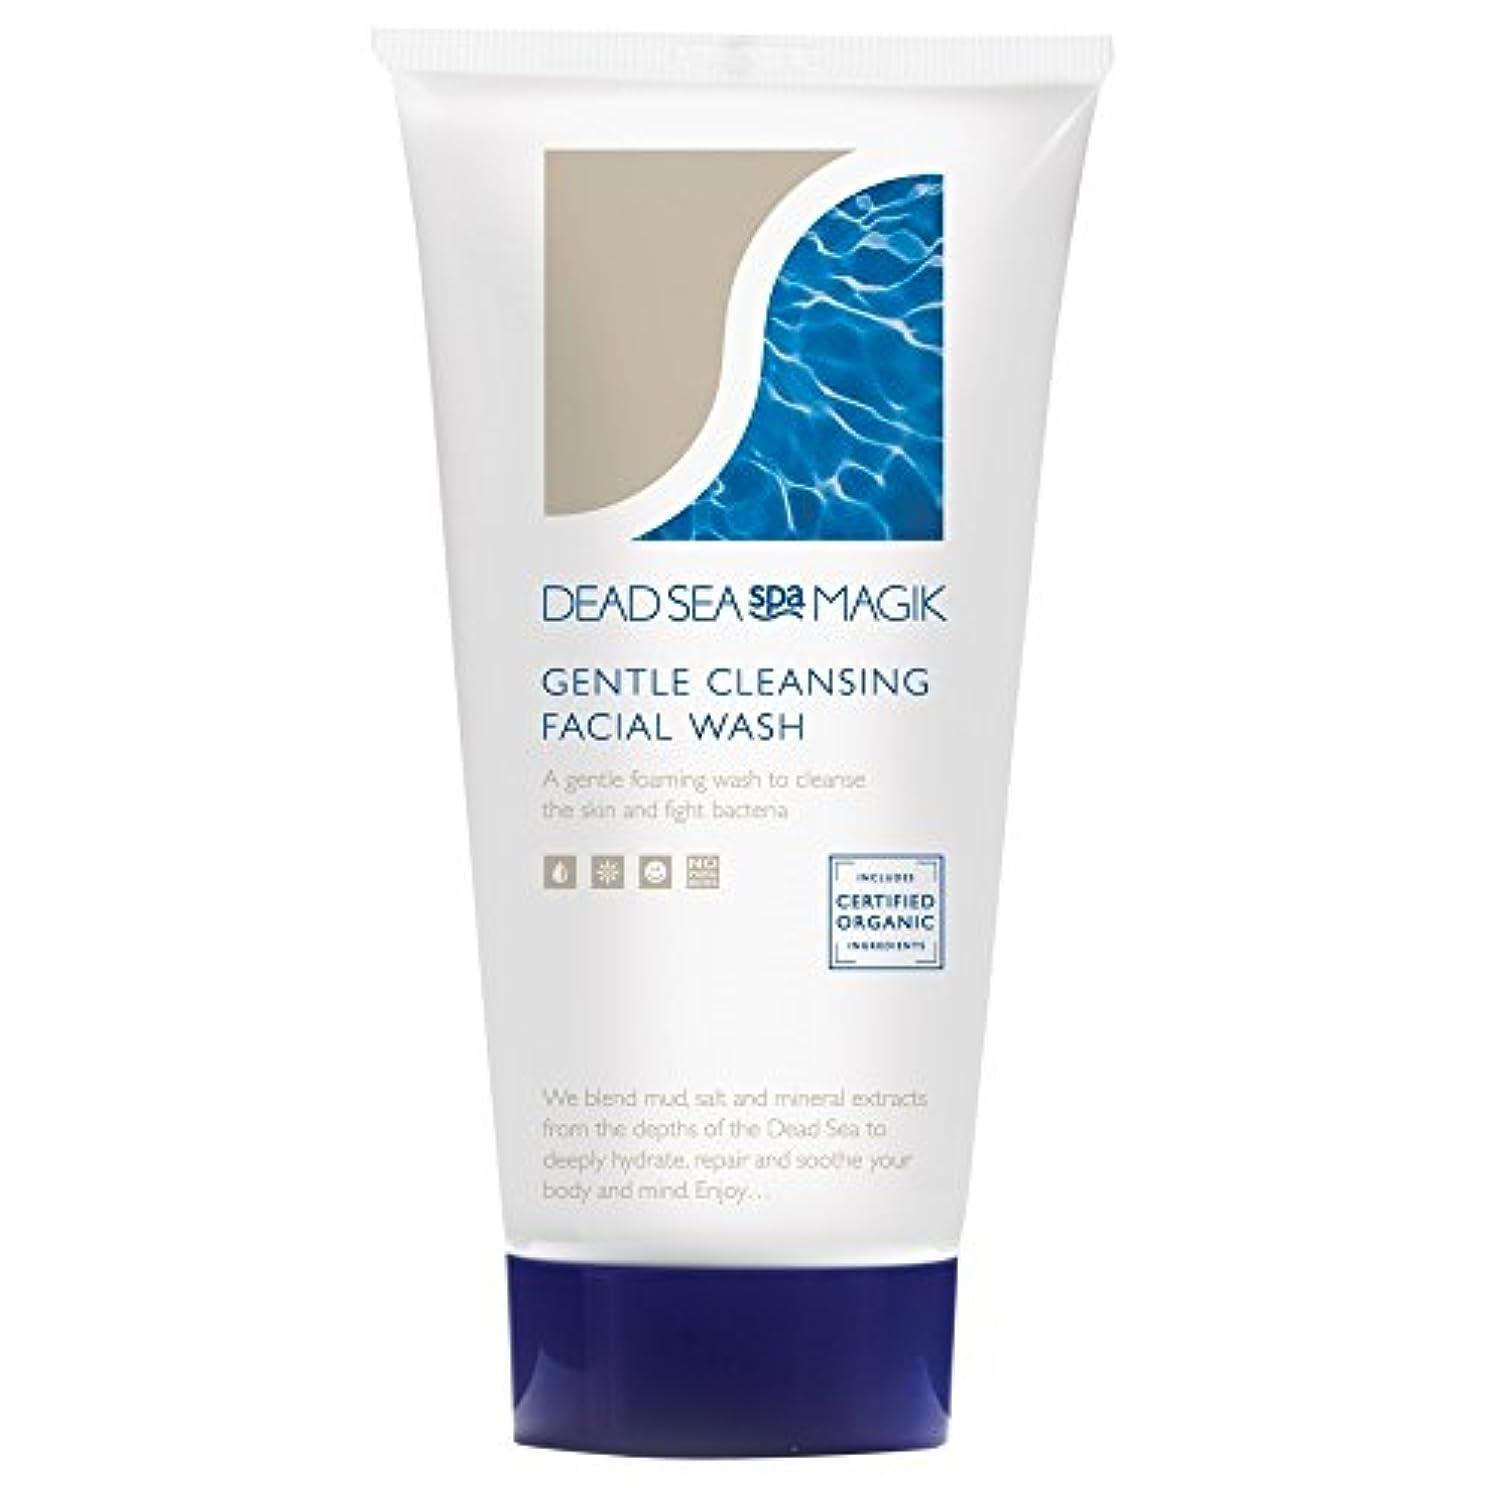 急流汚染するチャレンジ死海のスパマジック洗顔料、150ミリリットル (Dead Sea Spa Magik) (x6) - Dead Sea Spa Magik Facial Wash, 150ml (Pack of 6) [並行輸入品]